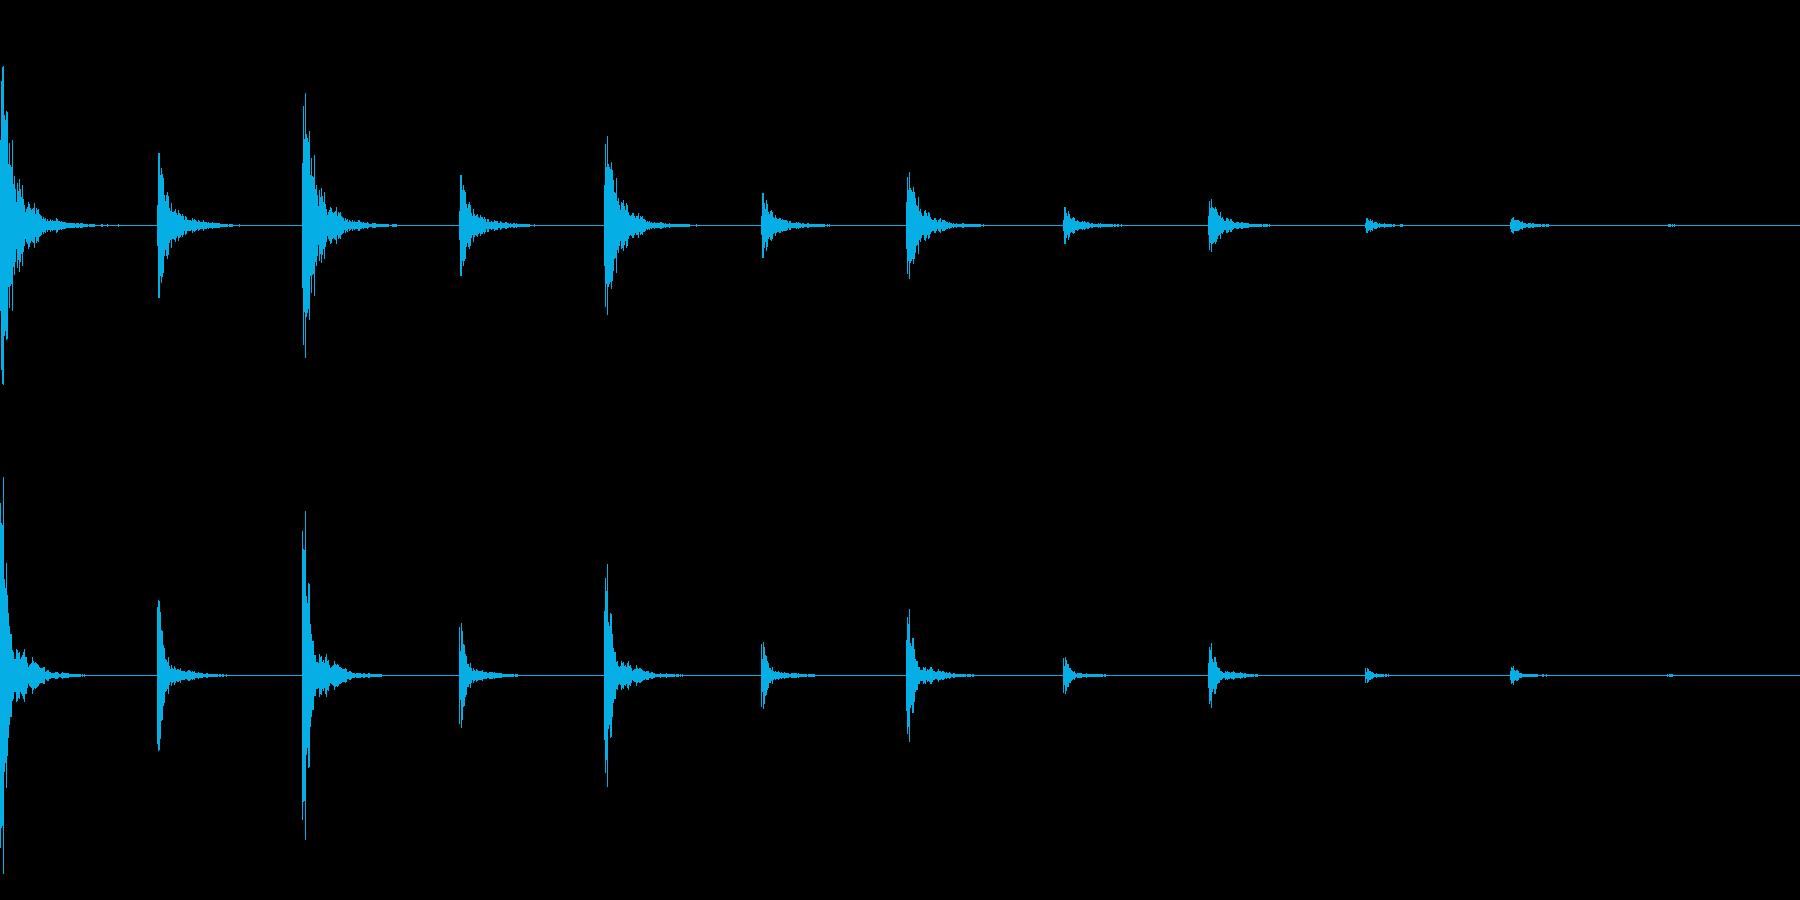 時計、タイマー、ストップウォッチ_A_6の再生済みの波形